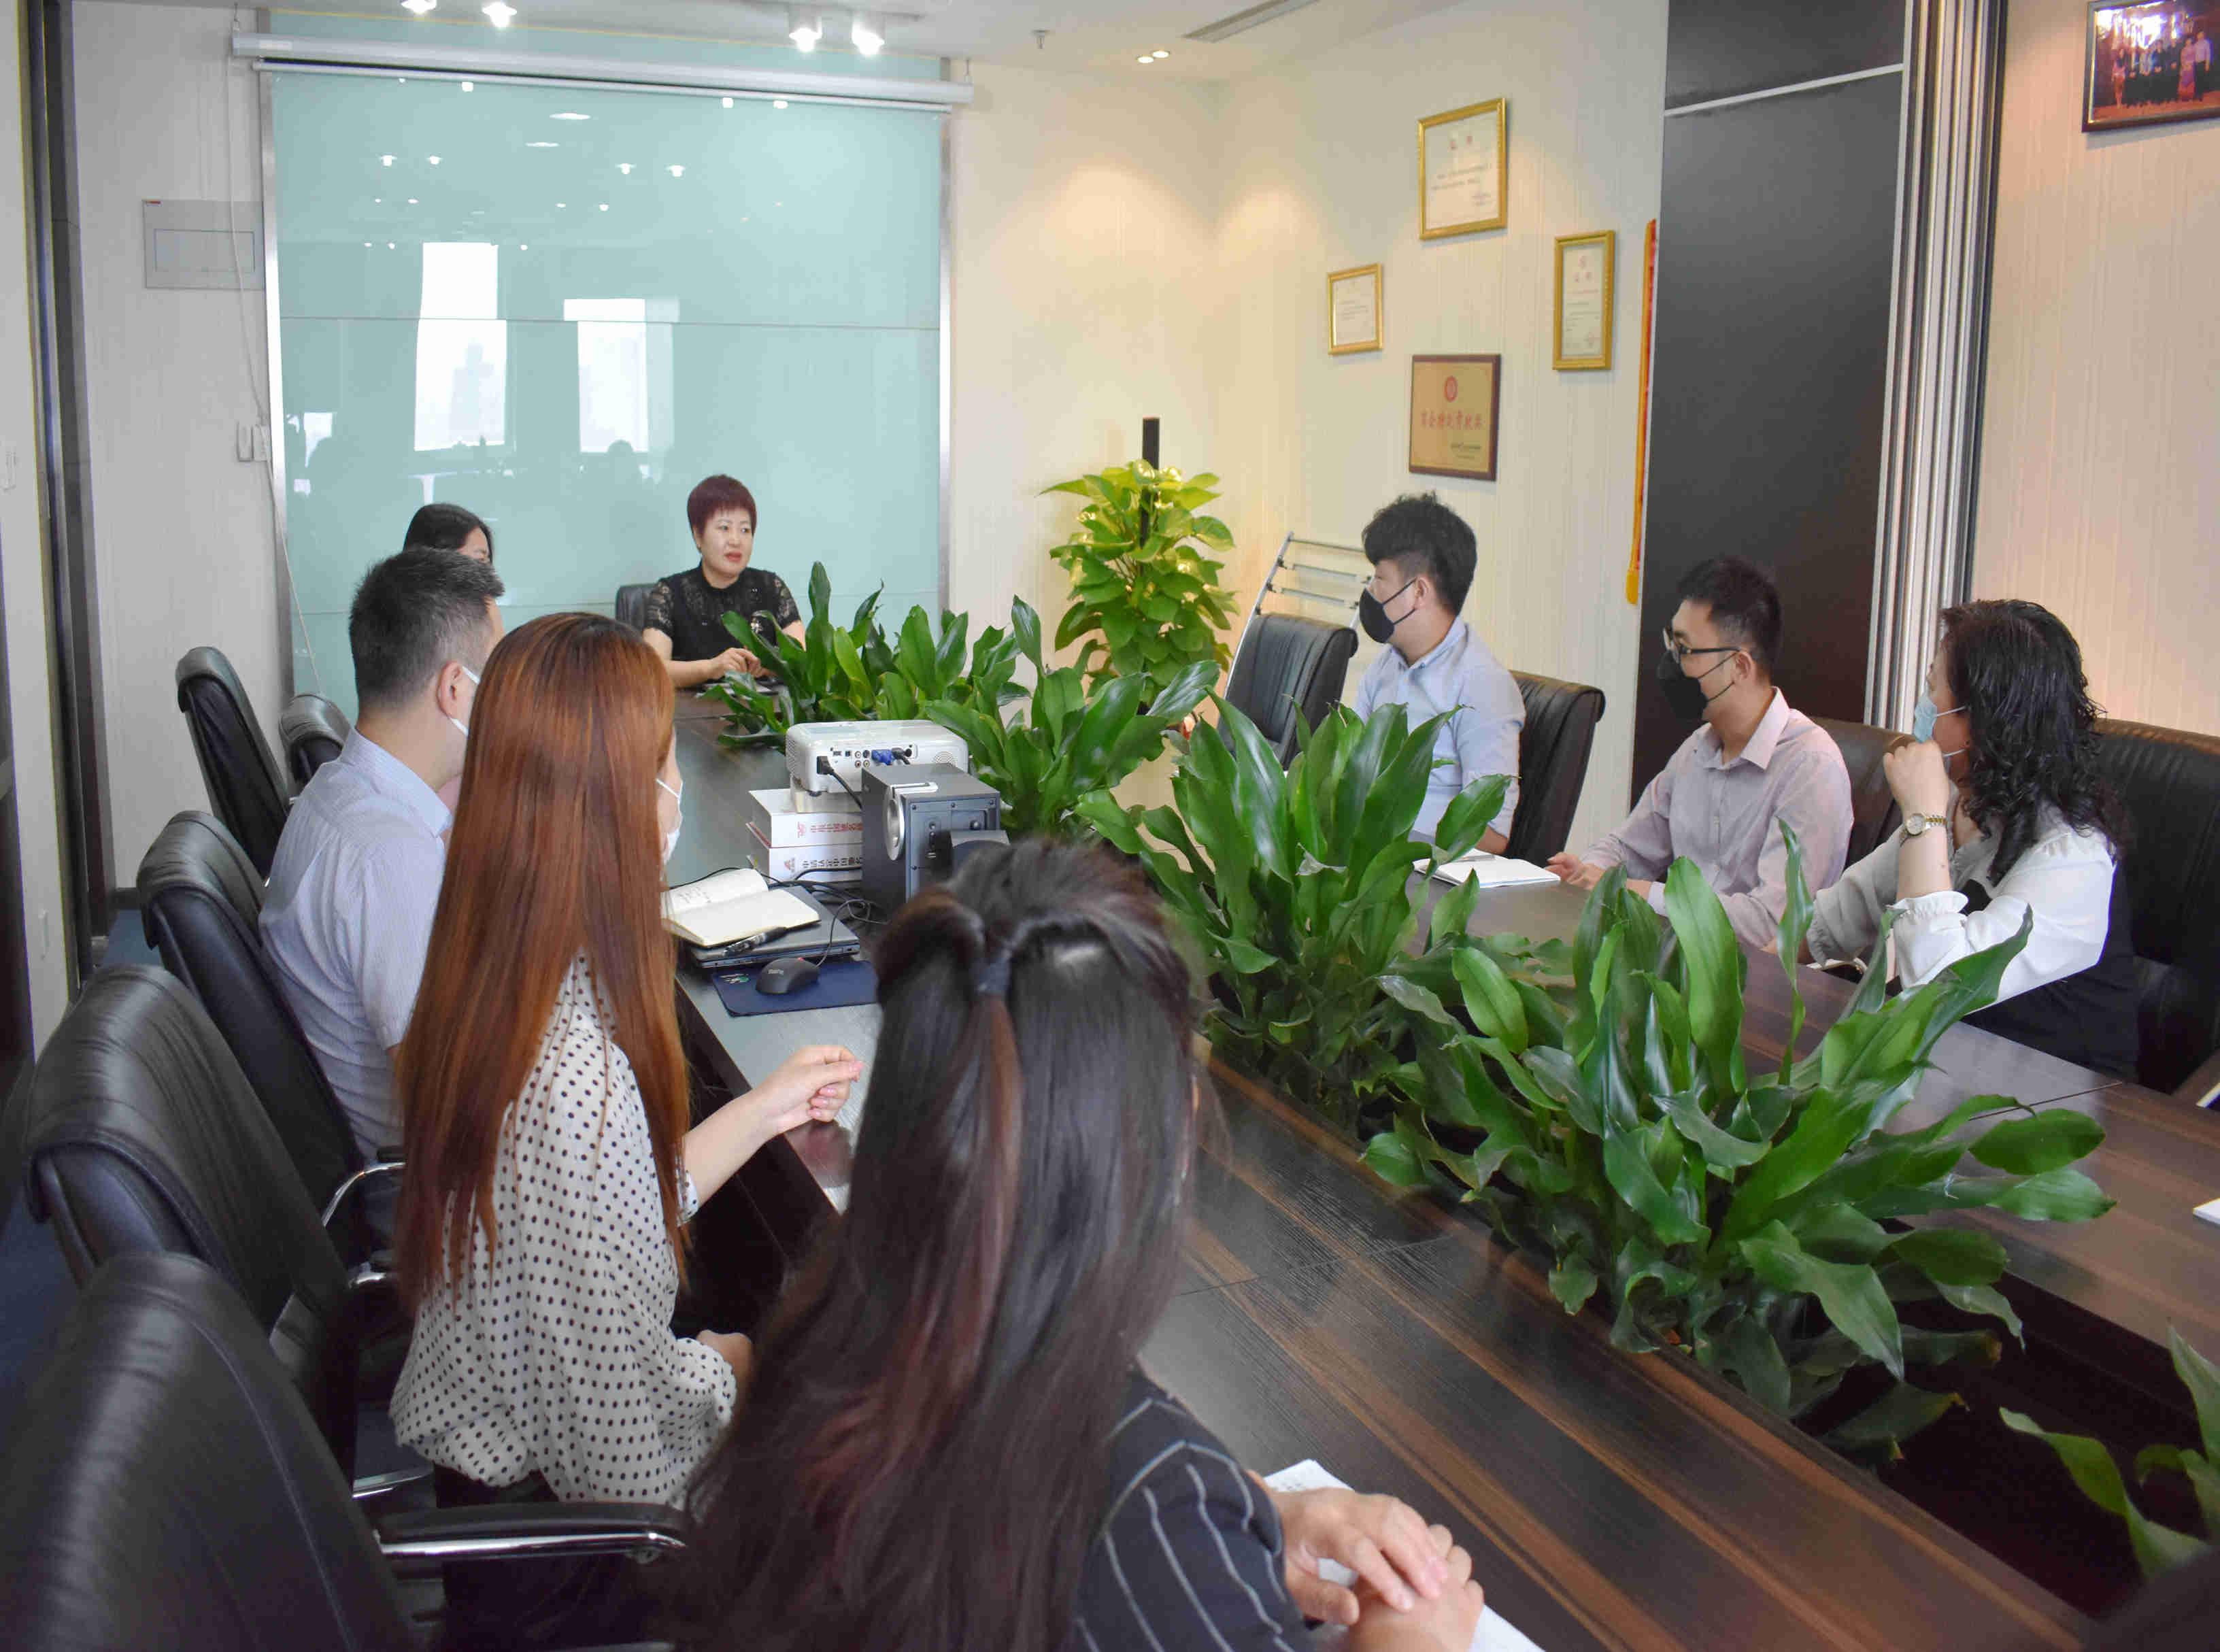 集团总裁刘亚芹主持召开全体工作会议